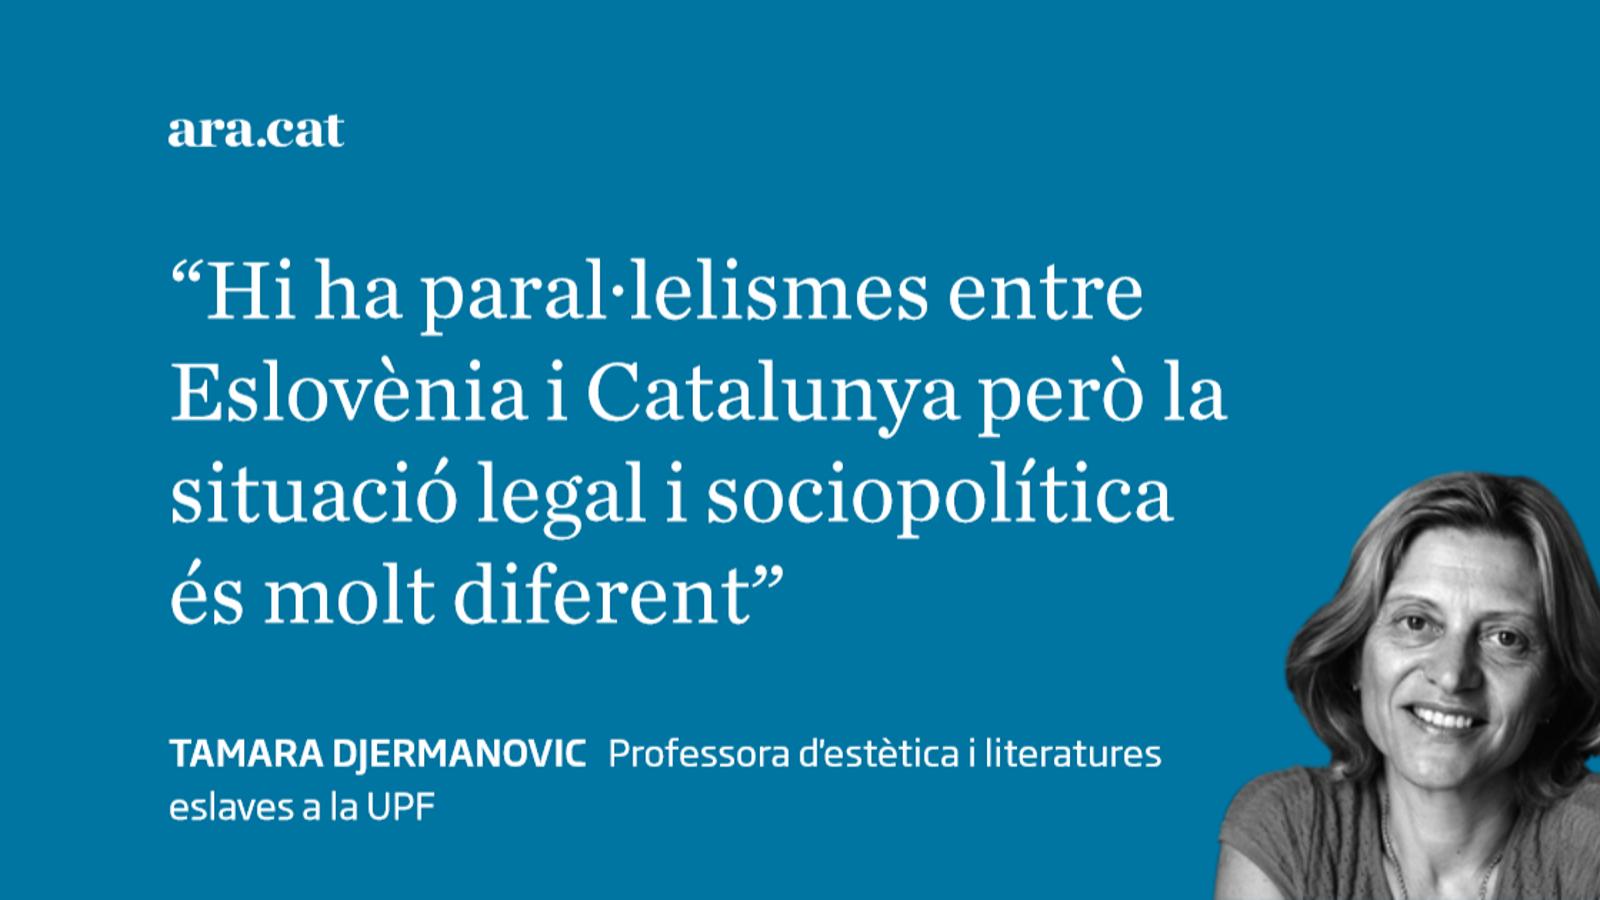 Espanya no és Iugoslàvia, Catalunya no és Eslovènia